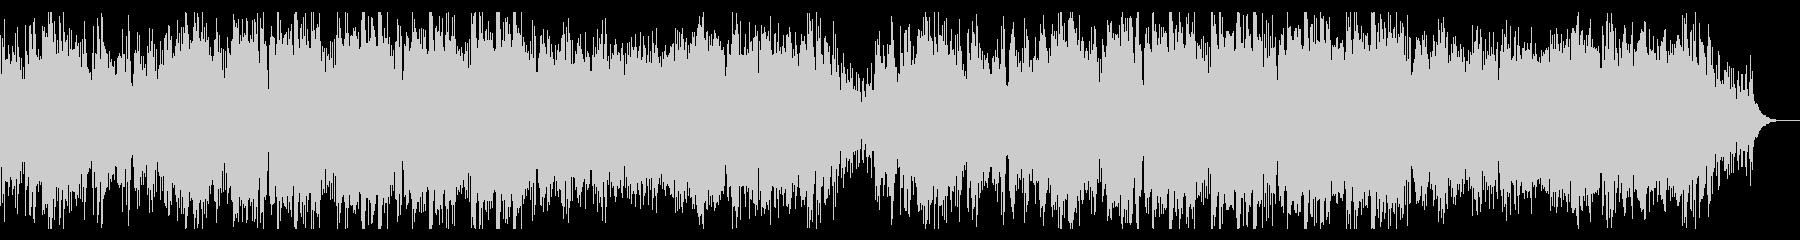 ハイテンポでダークなハロウィン曲の未再生の波形